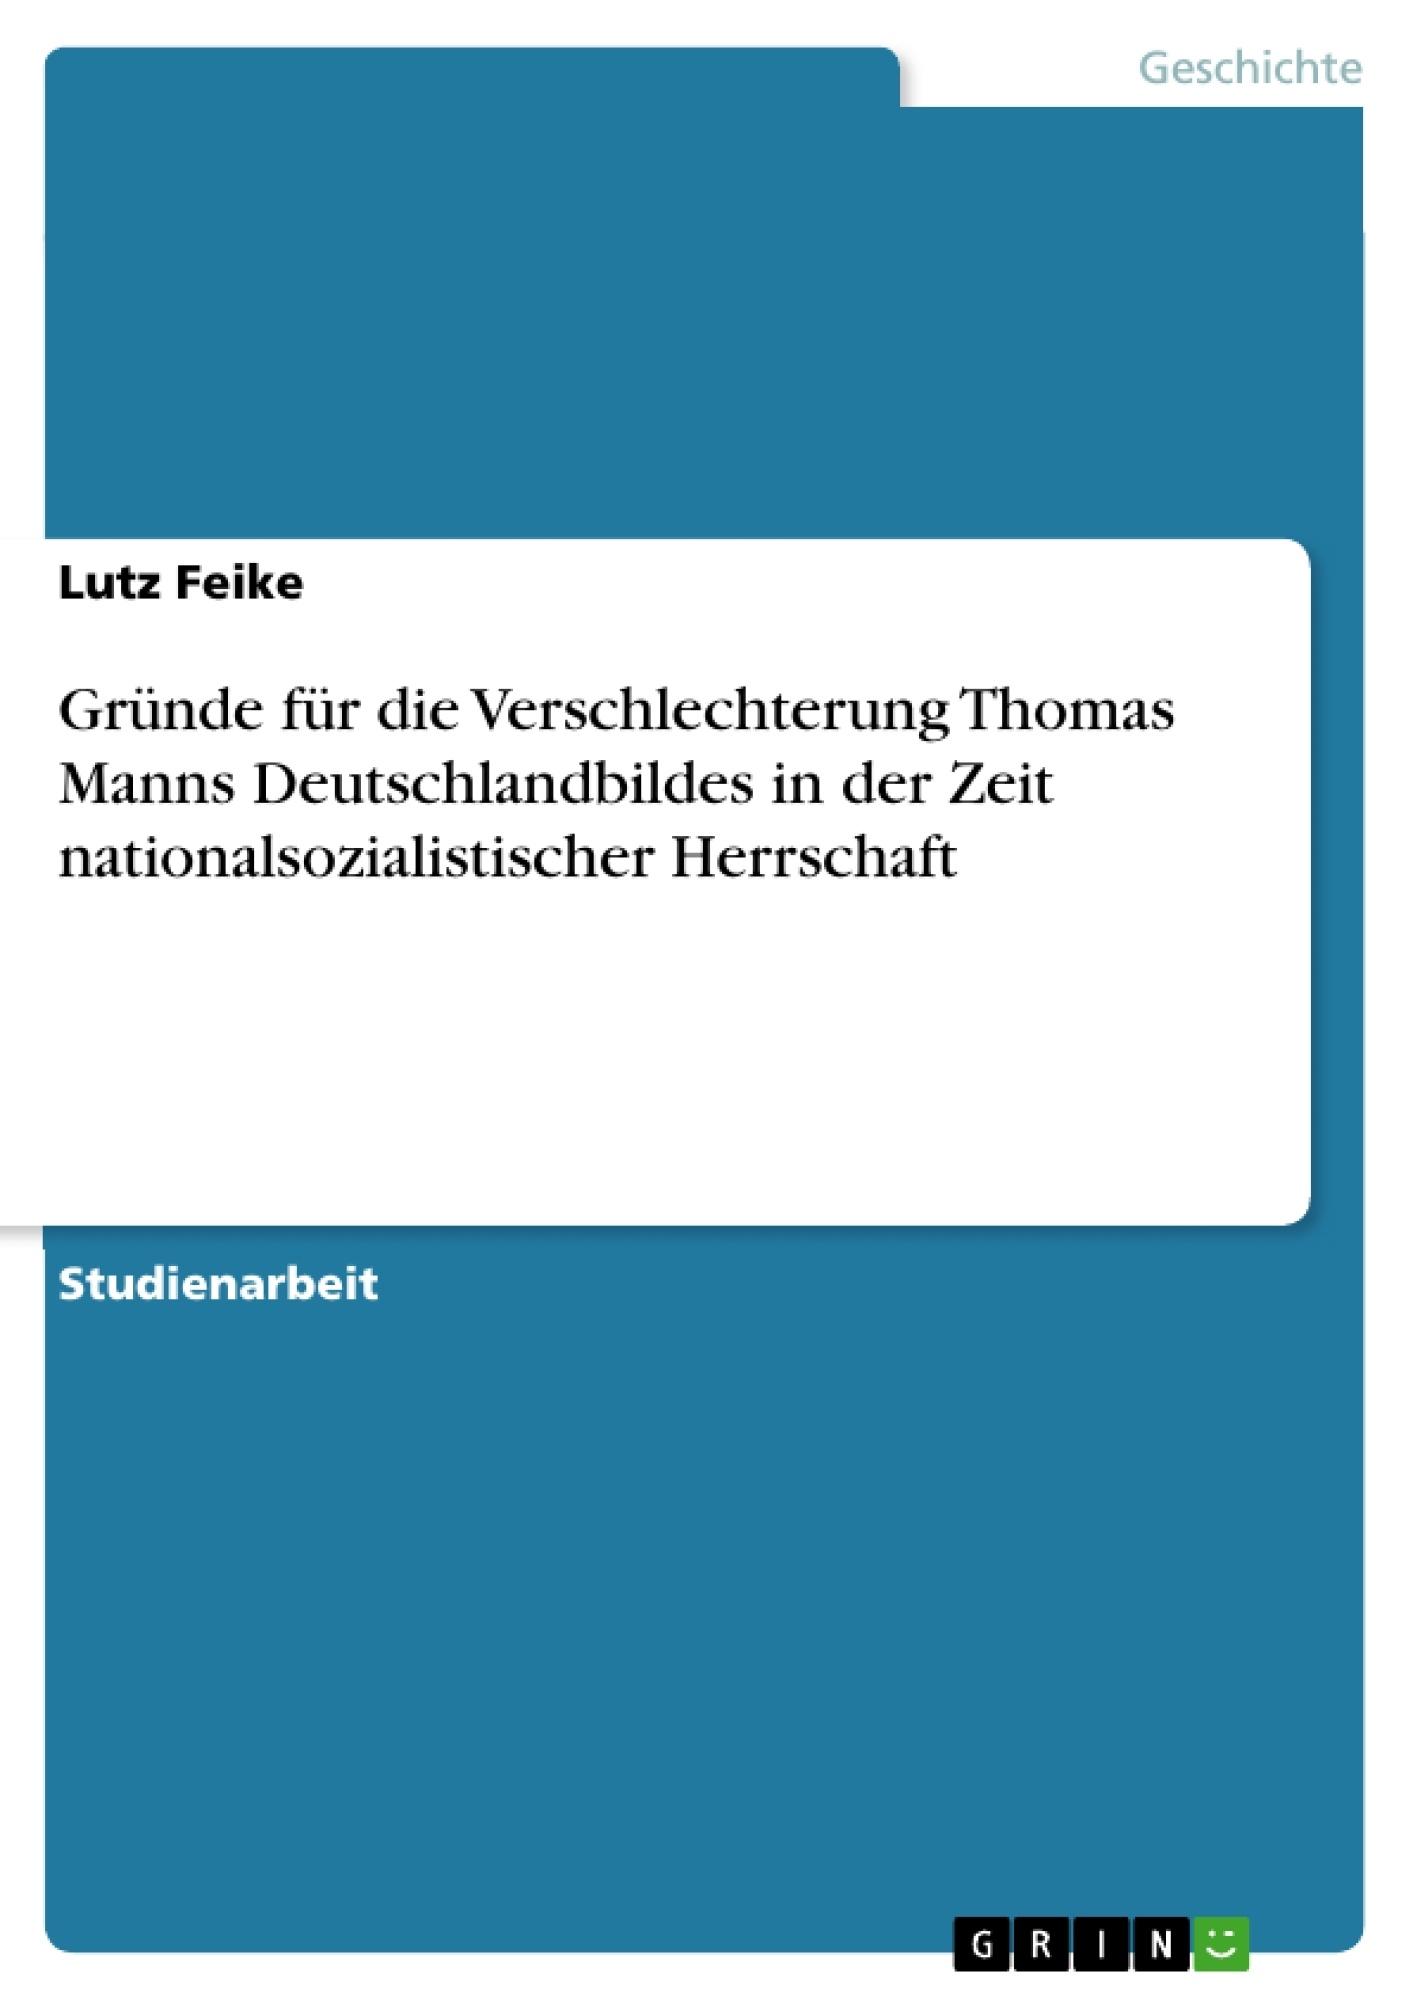 Titel: Gründe für die Verschlechterung Thomas Manns Deutschlandbildes in der Zeit nationalsozialistischer Herrschaft